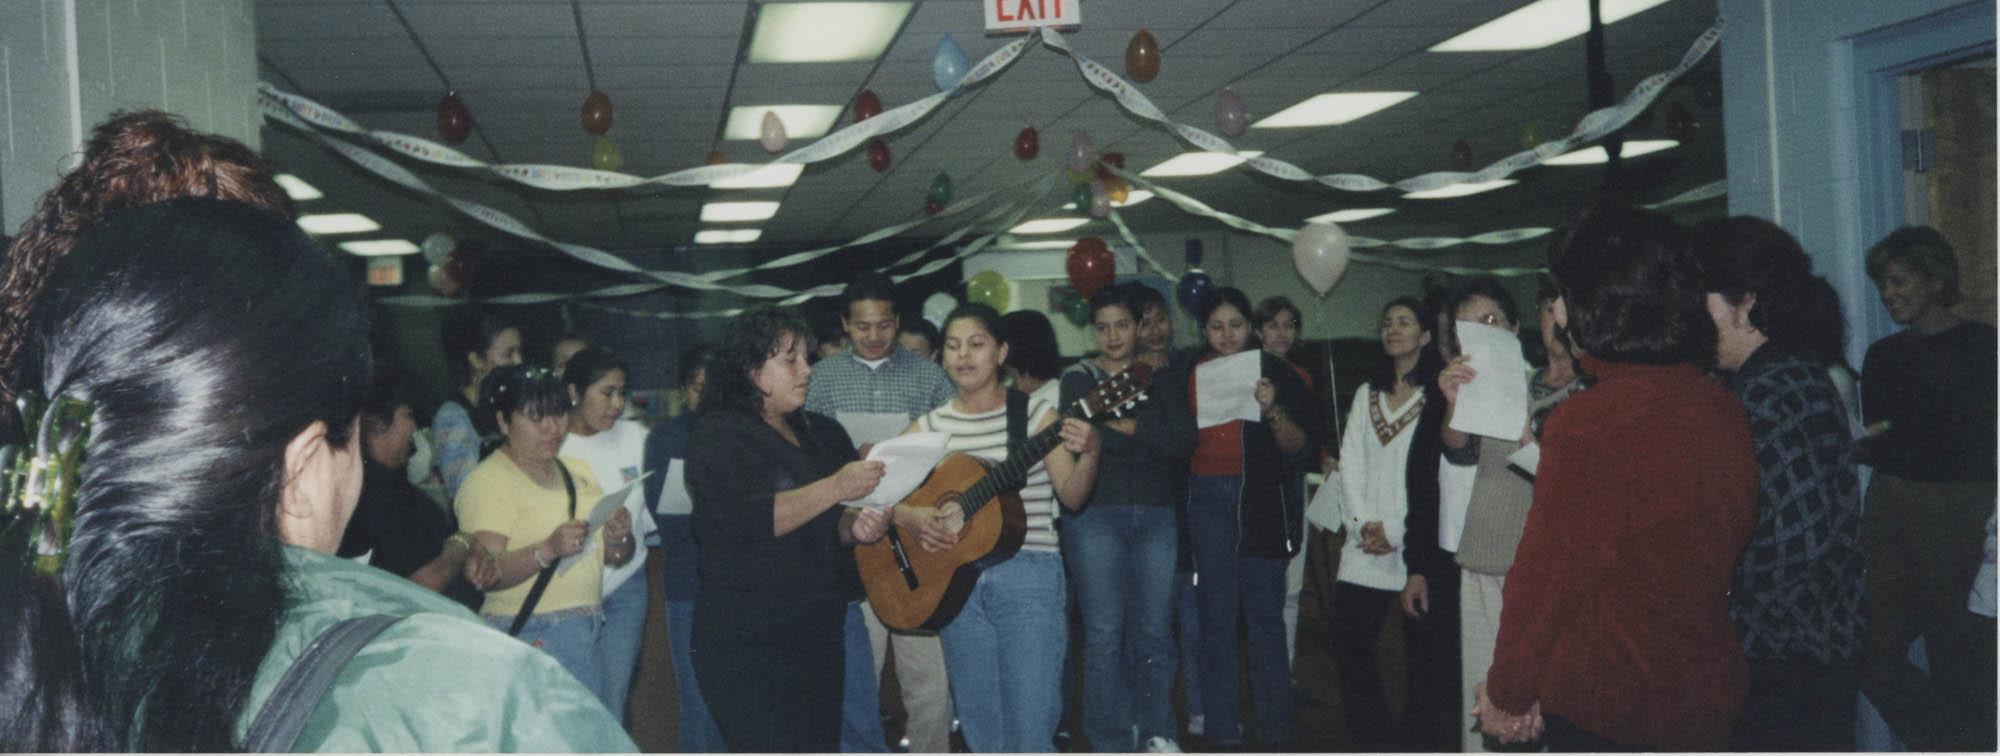 Fotografía de la fiesta de cumpleaños de una maestra de inglés  /  Photograph of an English Teacher's Birthday Celebration